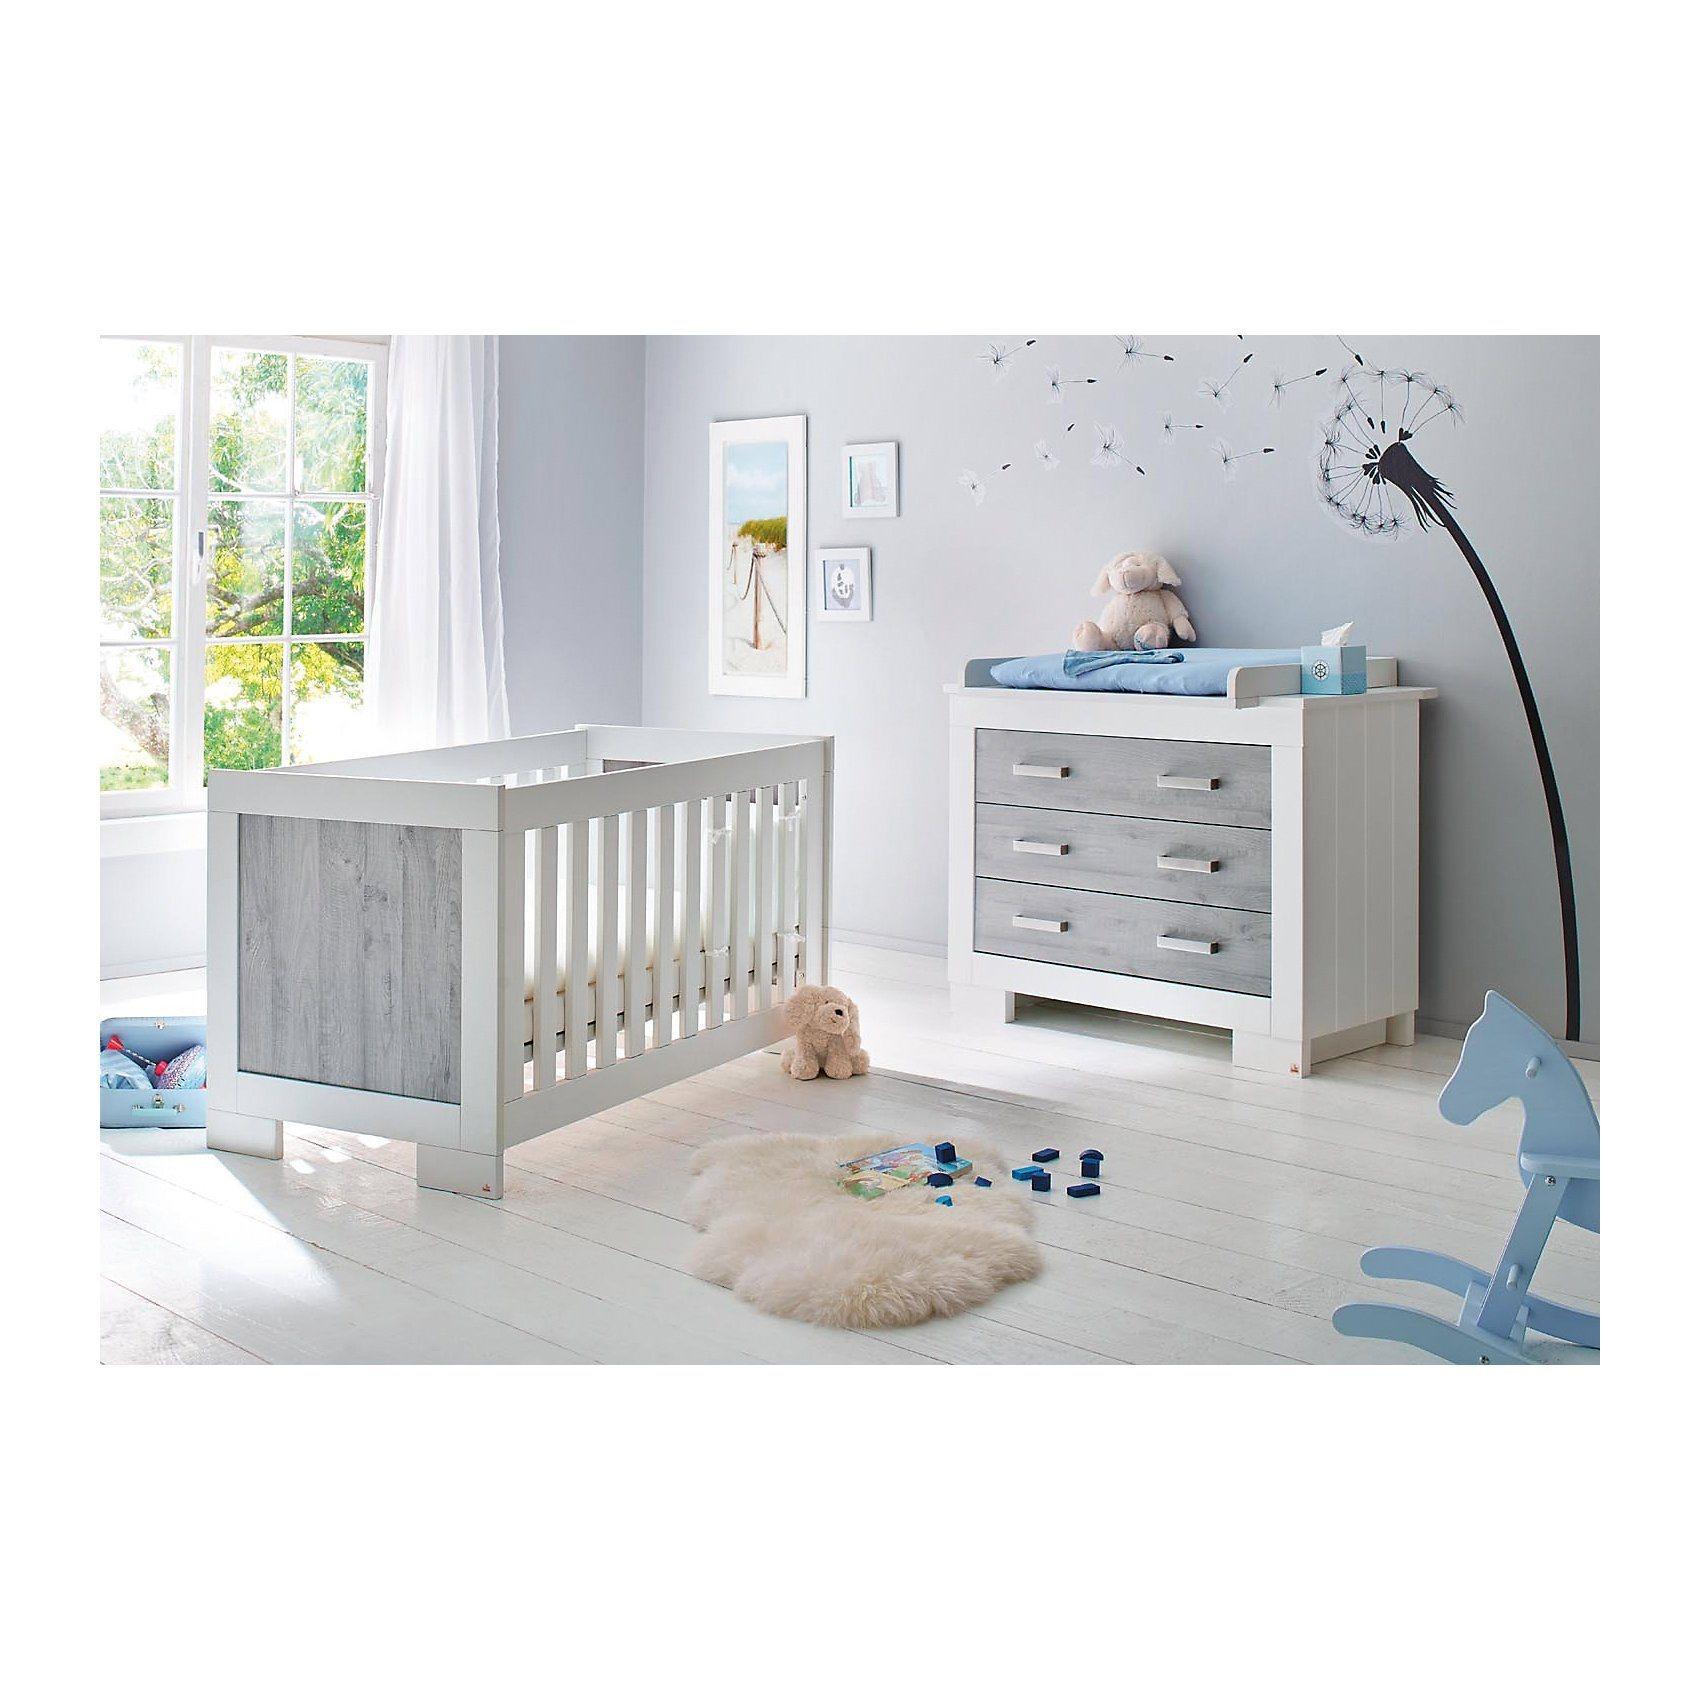 Pinolino Sparset LOLLE Kinderbett und Wickelkommode Esche grau